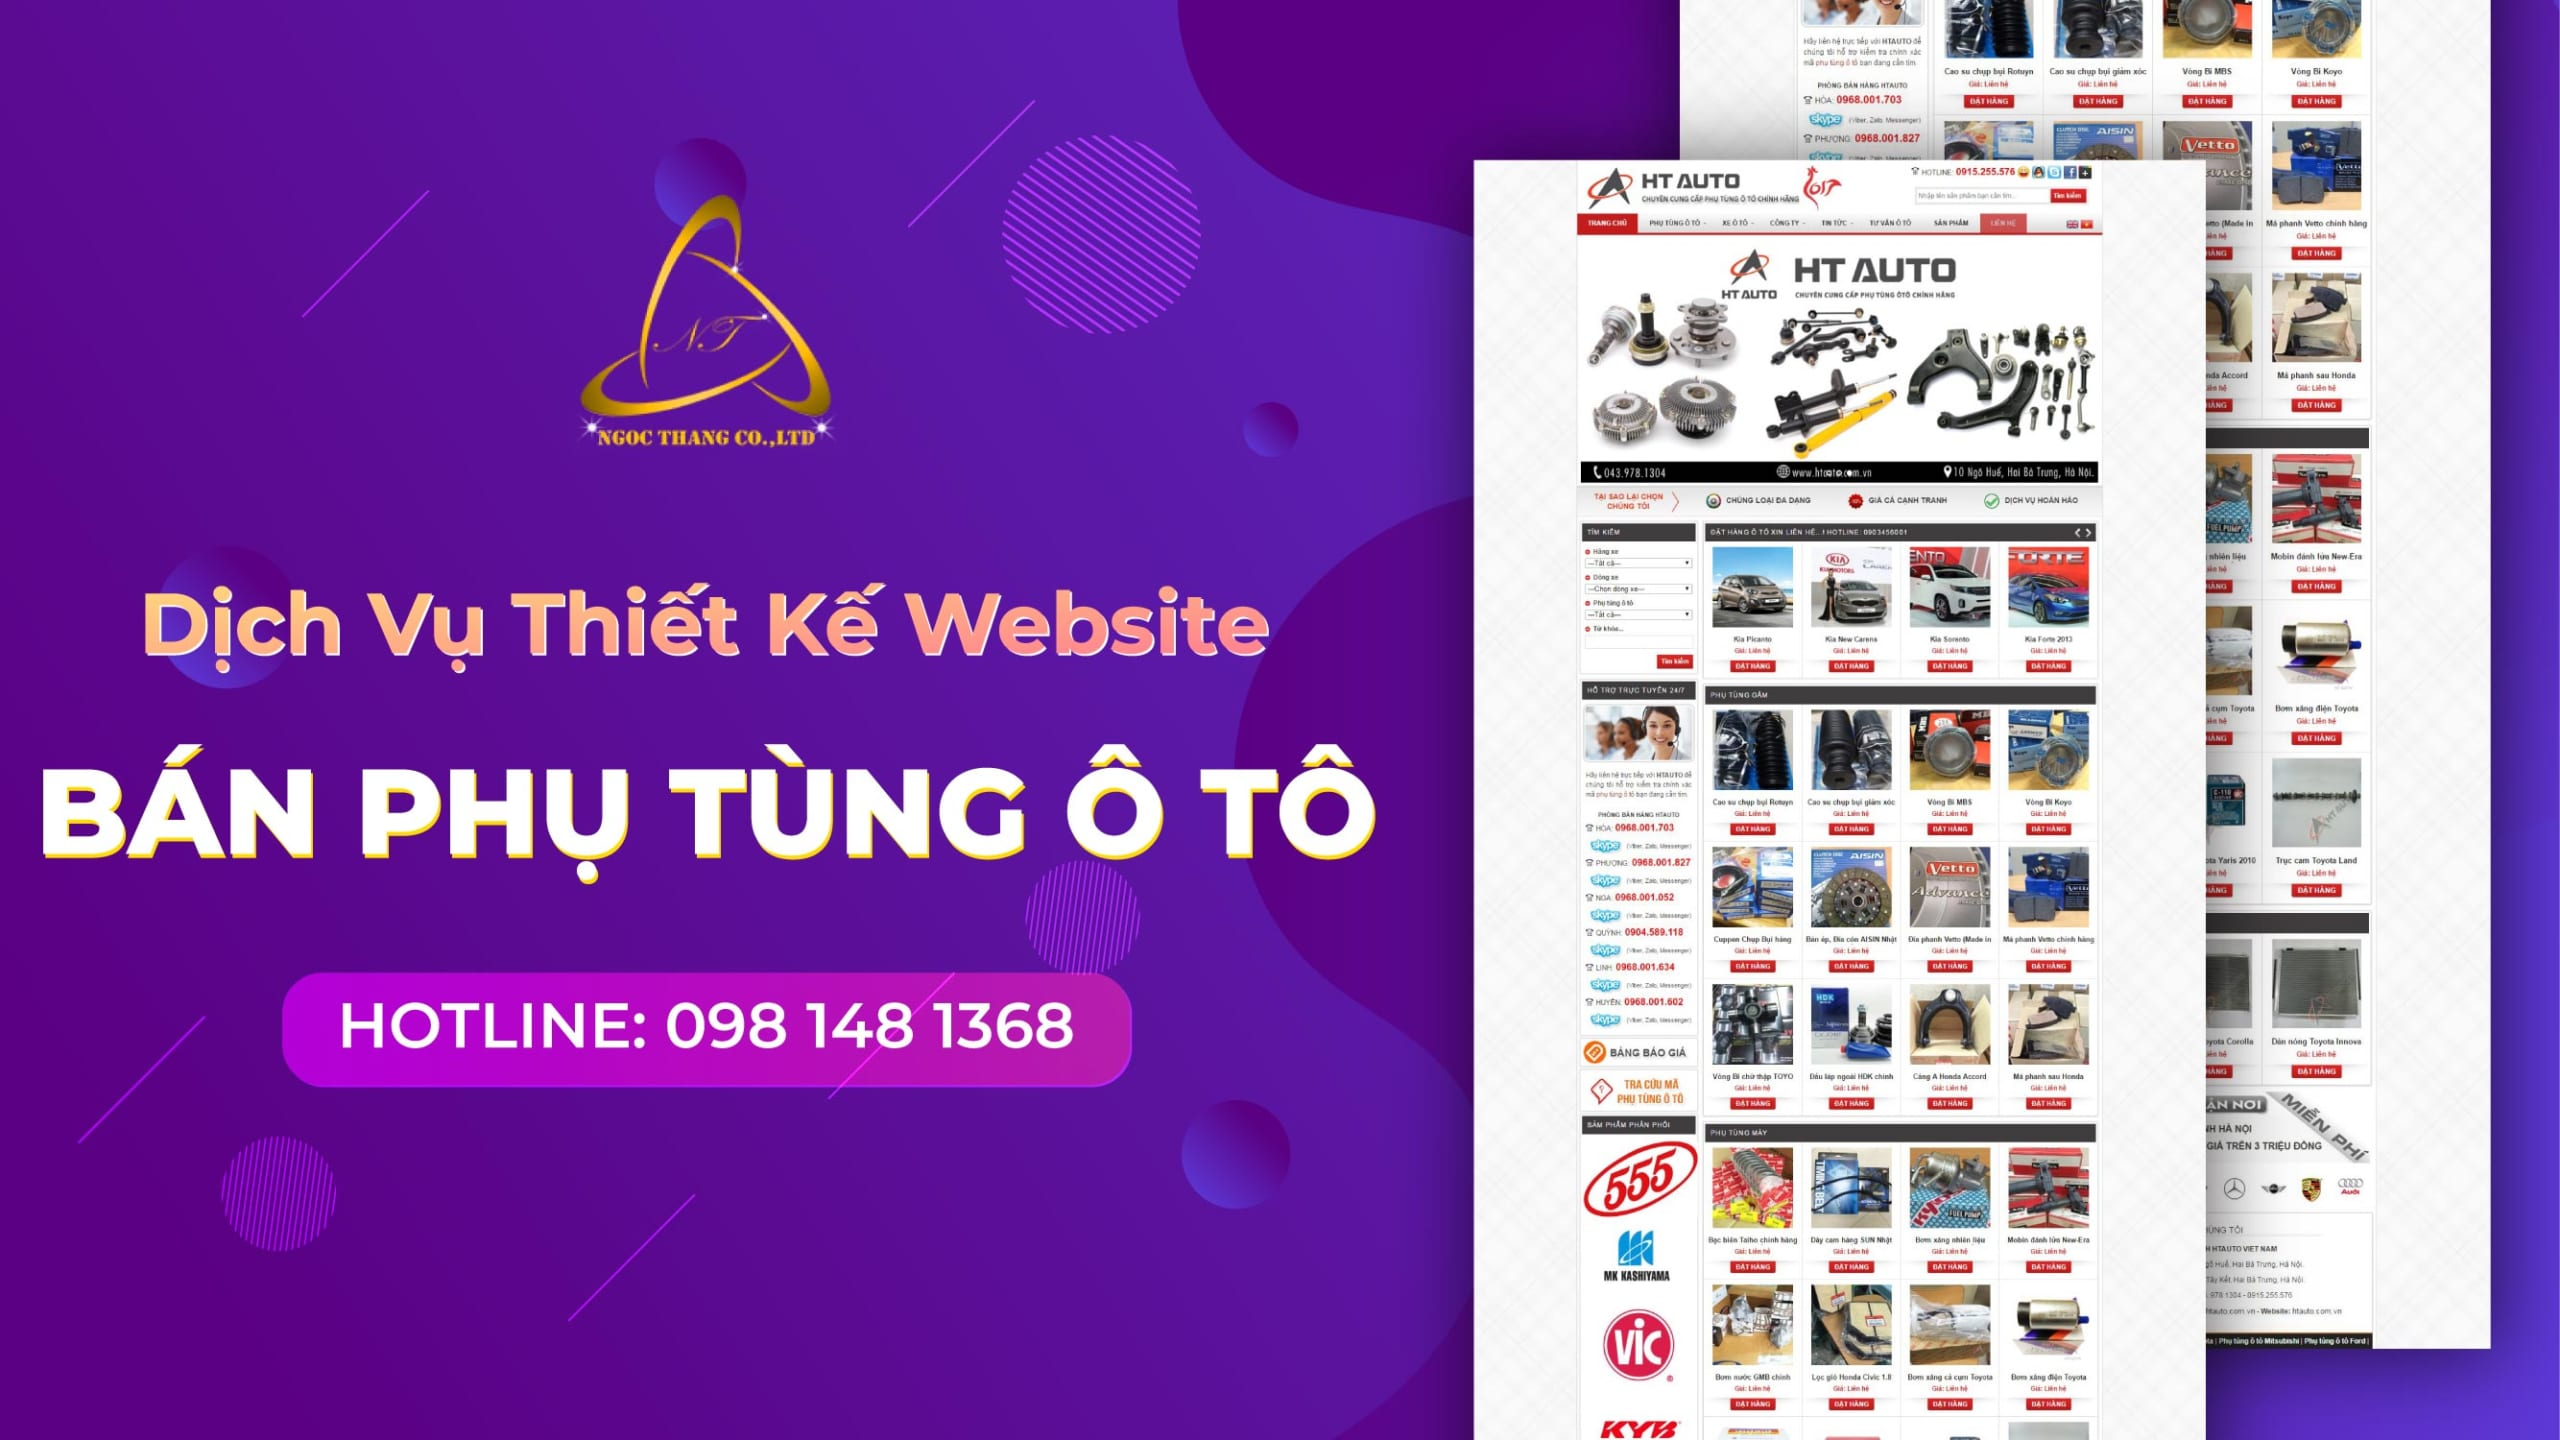 thiết kế website bán phụ tùng ô tô